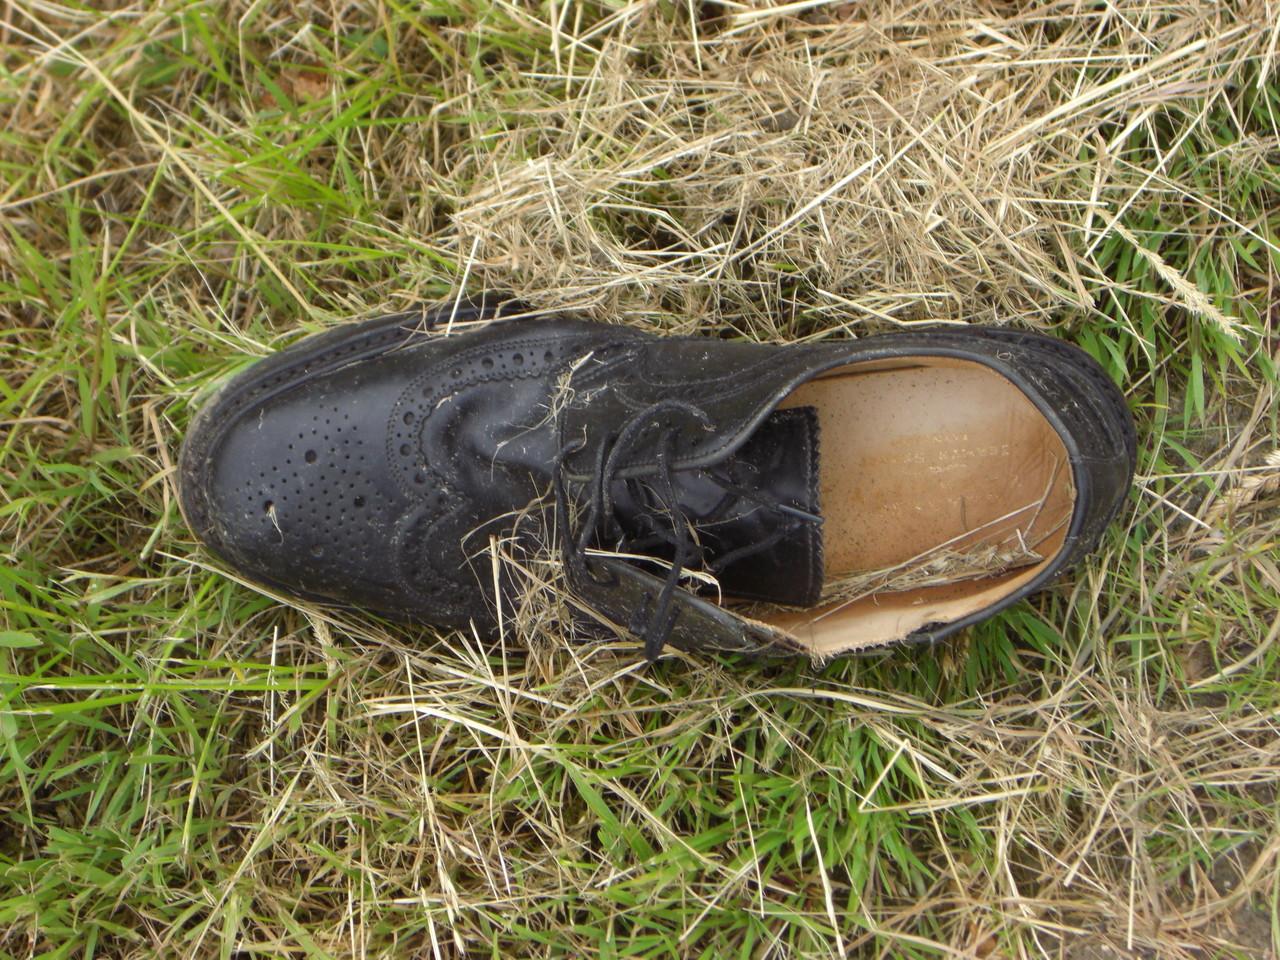 Wer verliert denn einen Schuh?